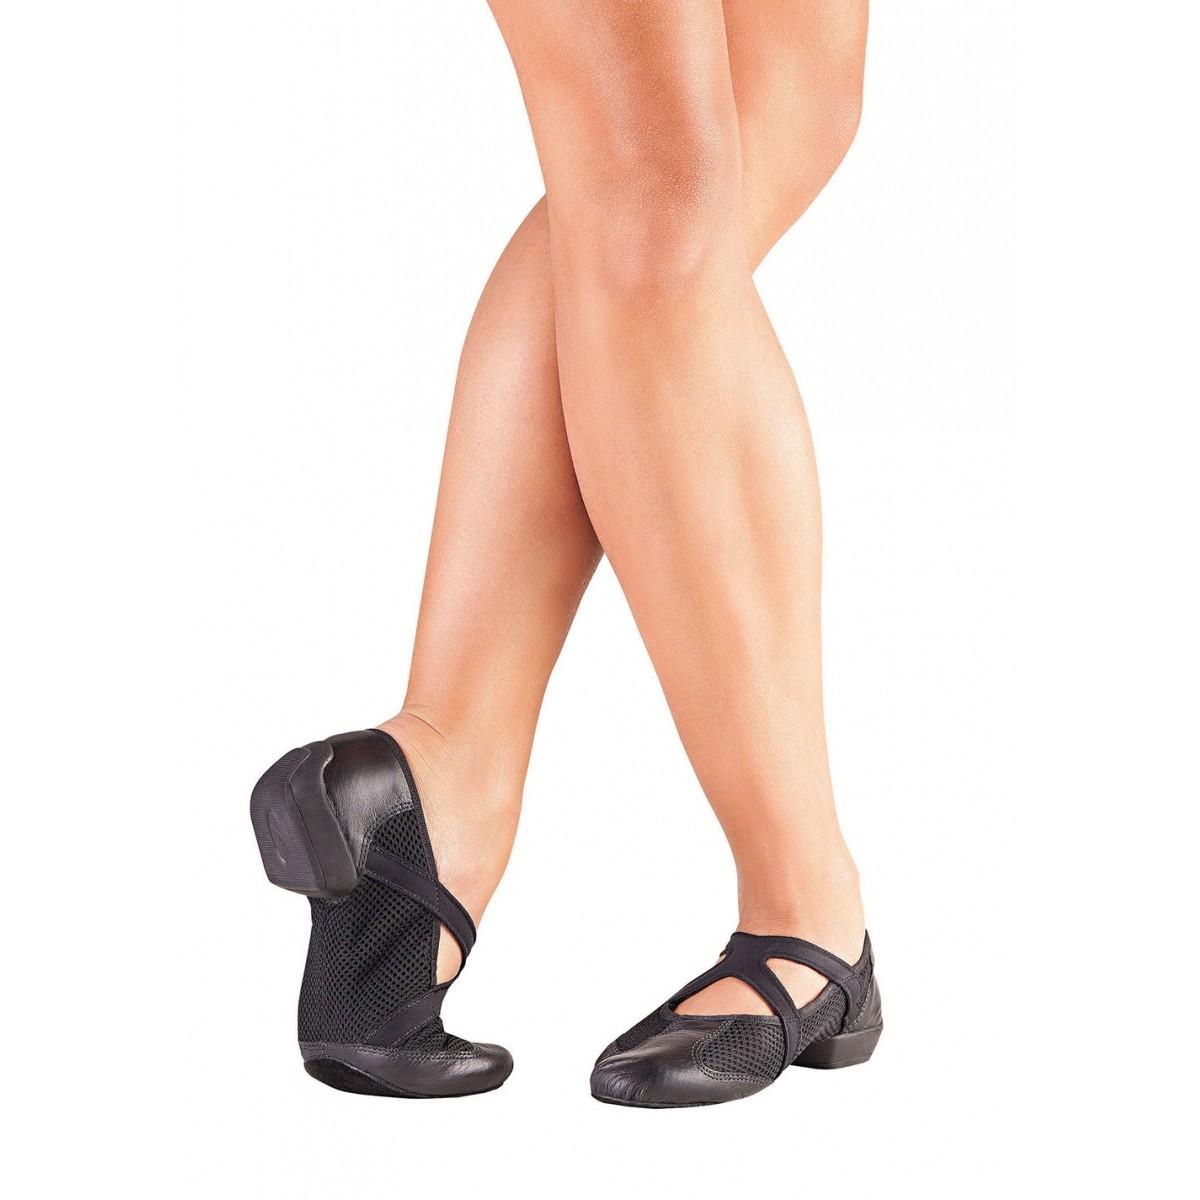 41a261ca81 JZ100) - QueDança Sapato Split Sole Feminino para Jazz - (Ref. JZ100) -  QueDança